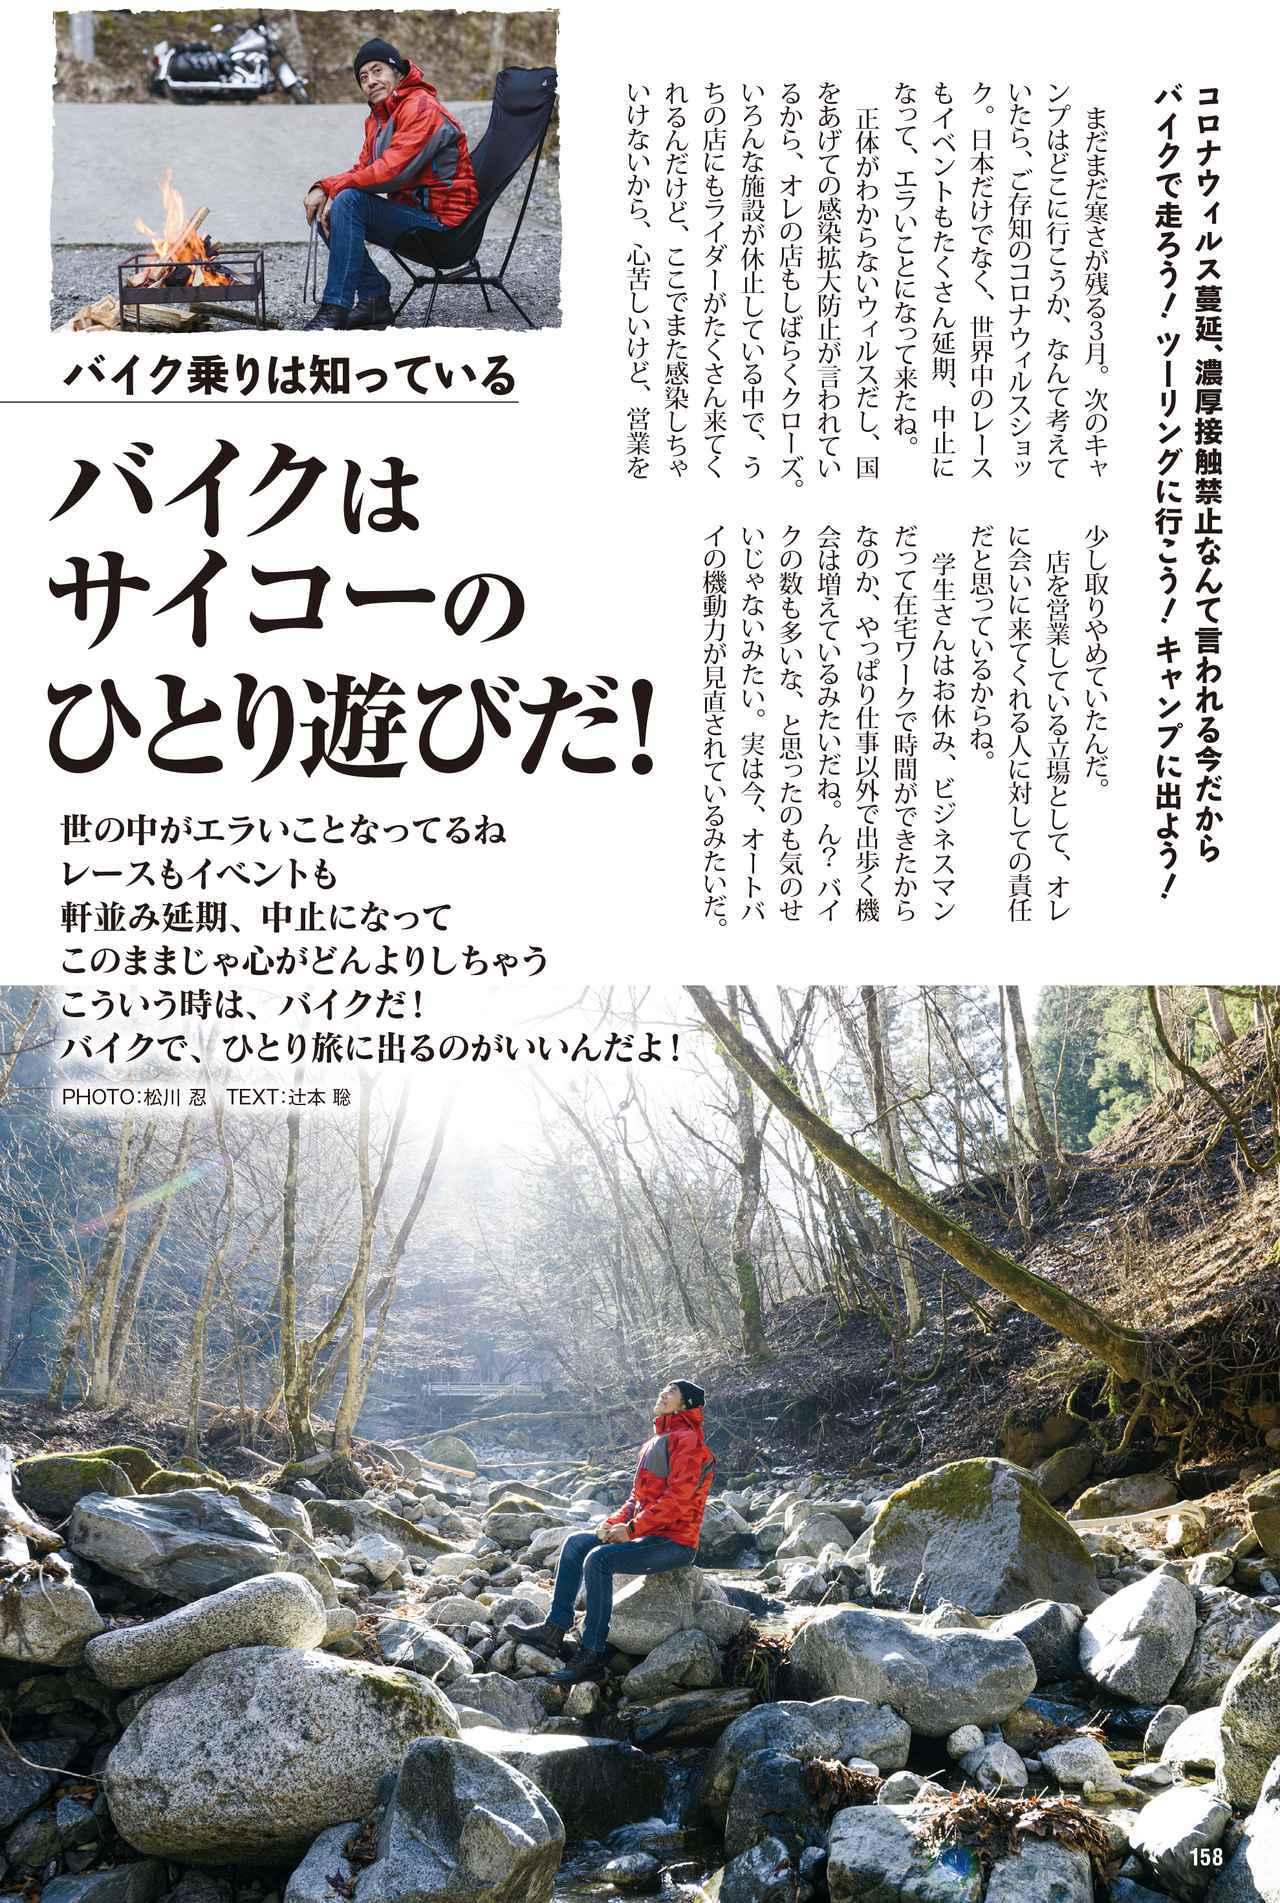 画像: 辻本聡さんのキャンプツーリング企画では「ひとり遊び」の楽しみに触れています。